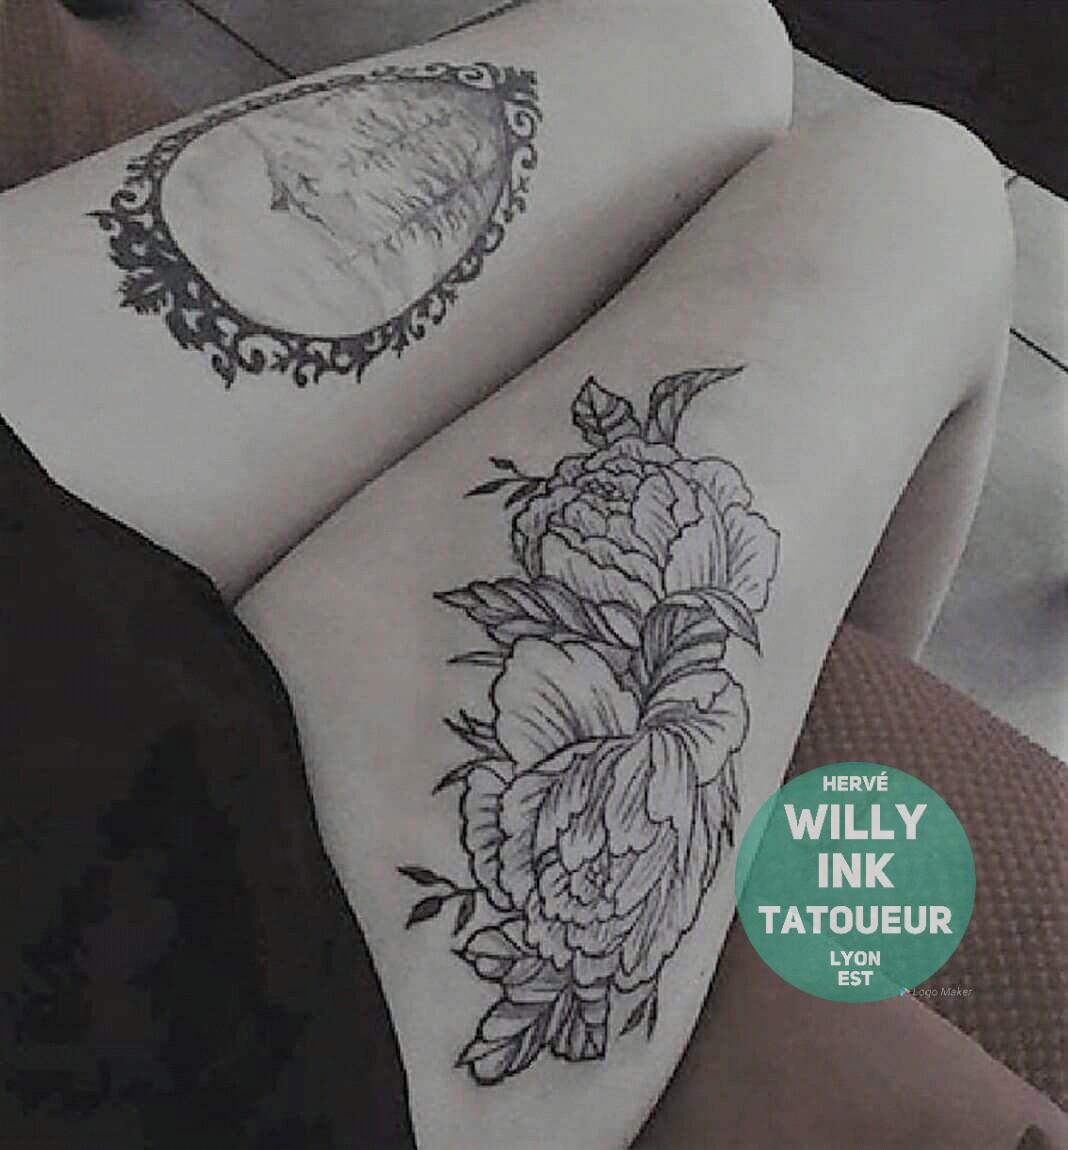 Tatouage Dans Le Style Japonais Et Son Histoire Dans La Culture Nippone Willy Ink Tatoueur A Lyon Est